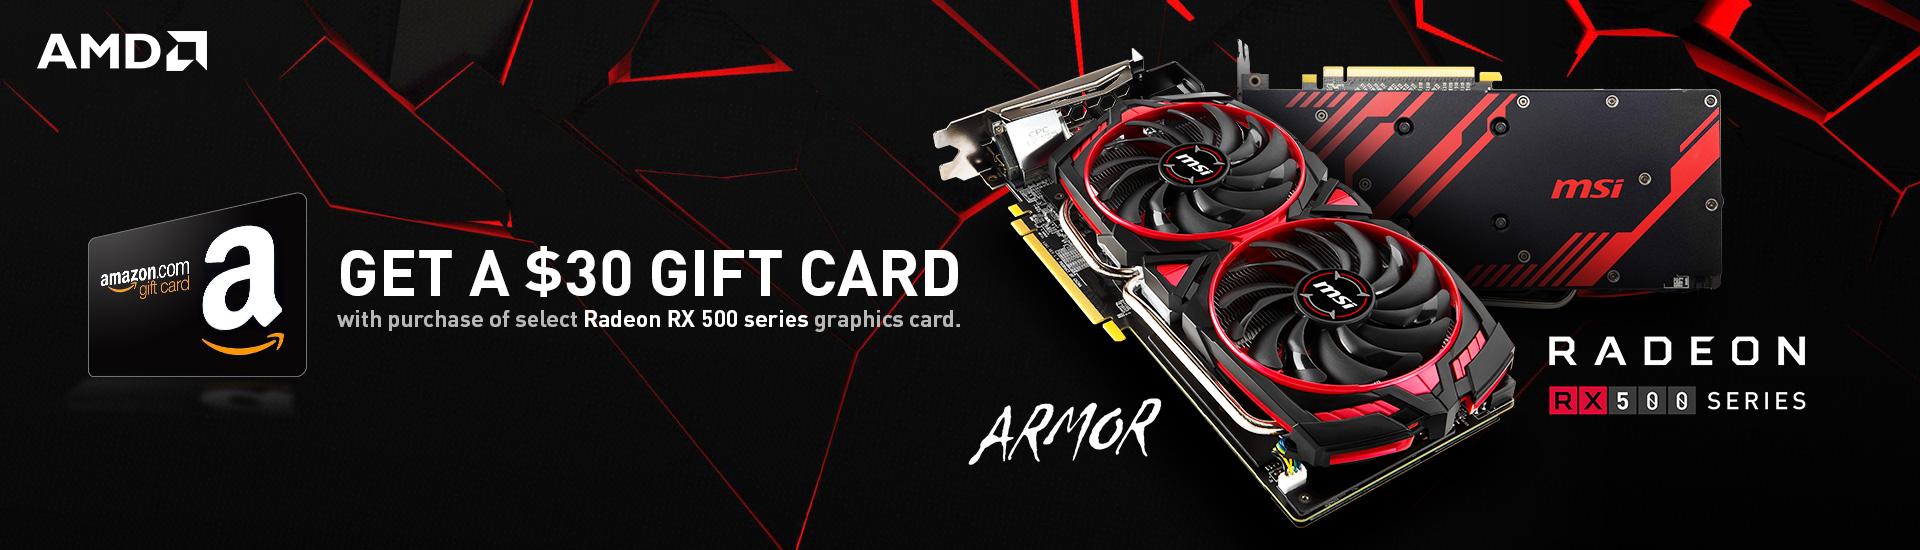 AMD Radeon 500 series